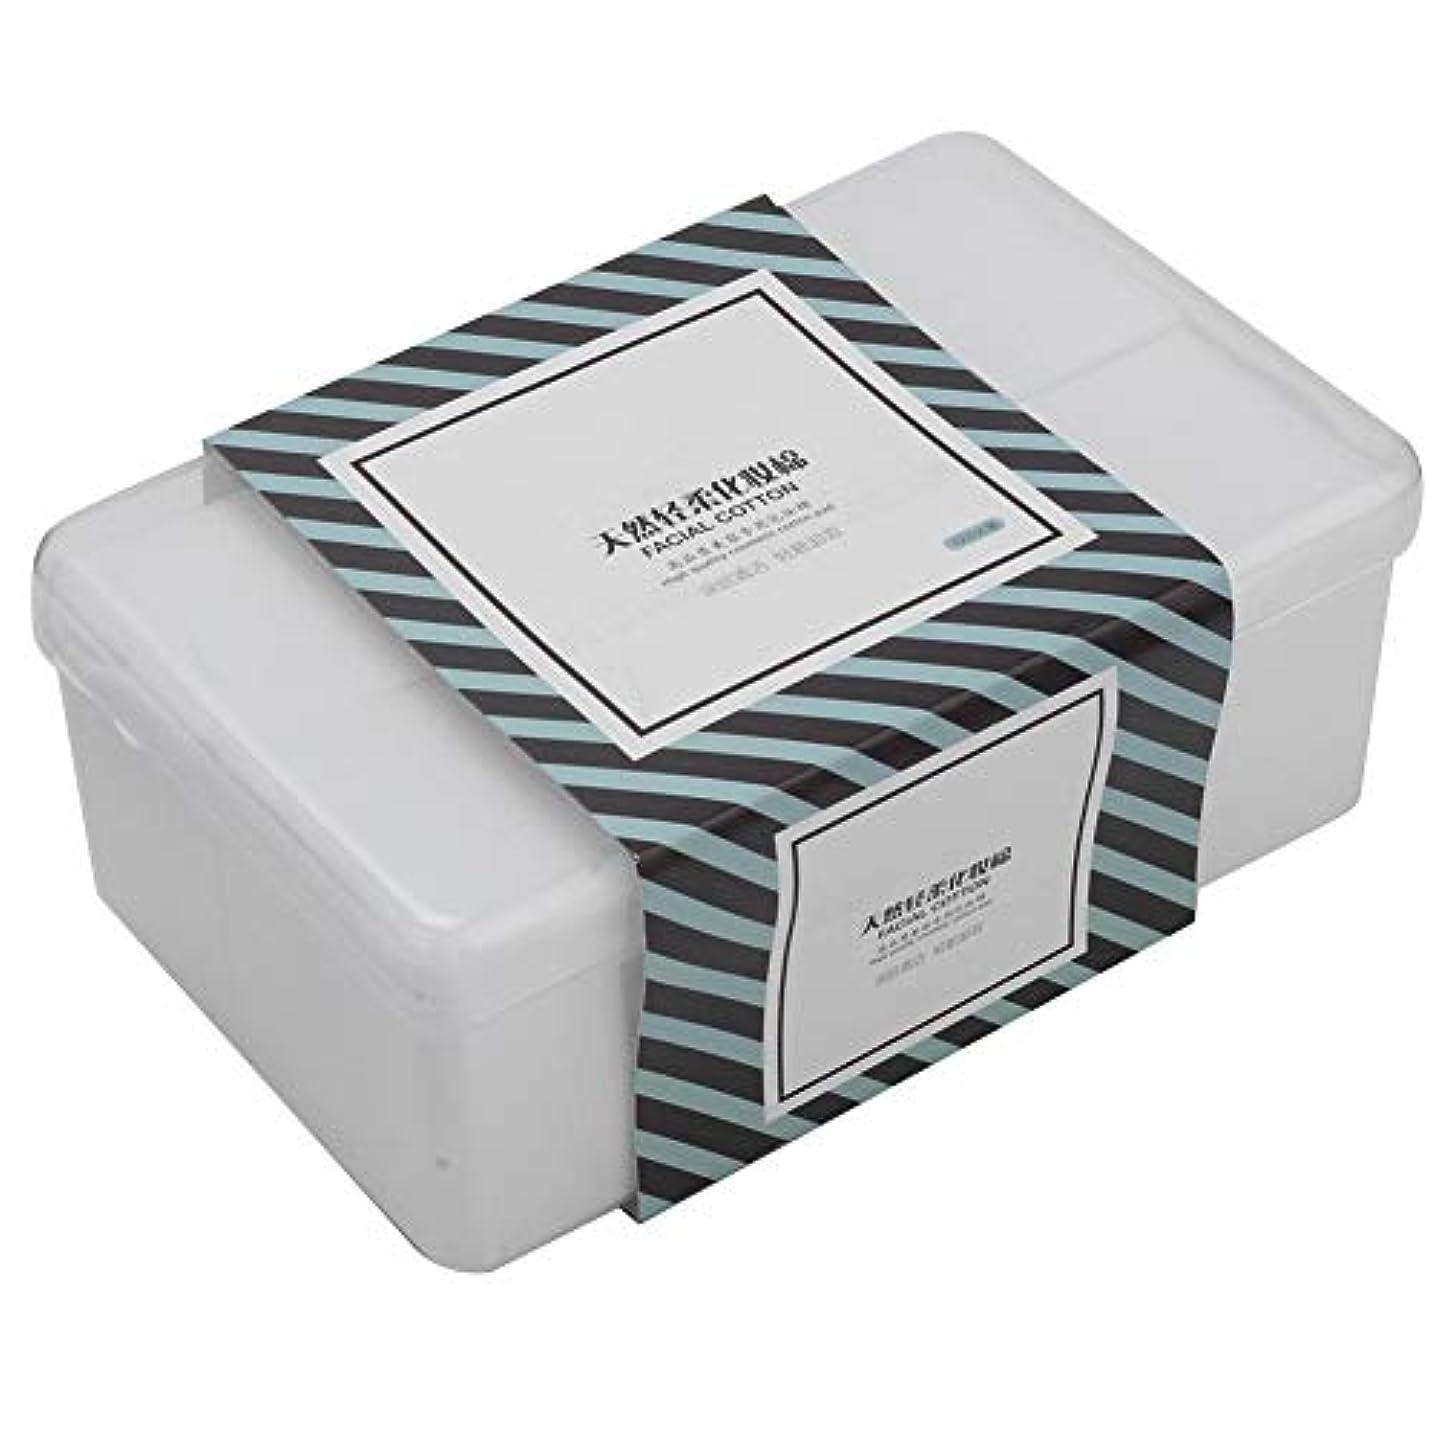 緯度才能世代1000枚 /箱の構造の綿パッドの化粧品は清潔になりますスキンケアを拭きます